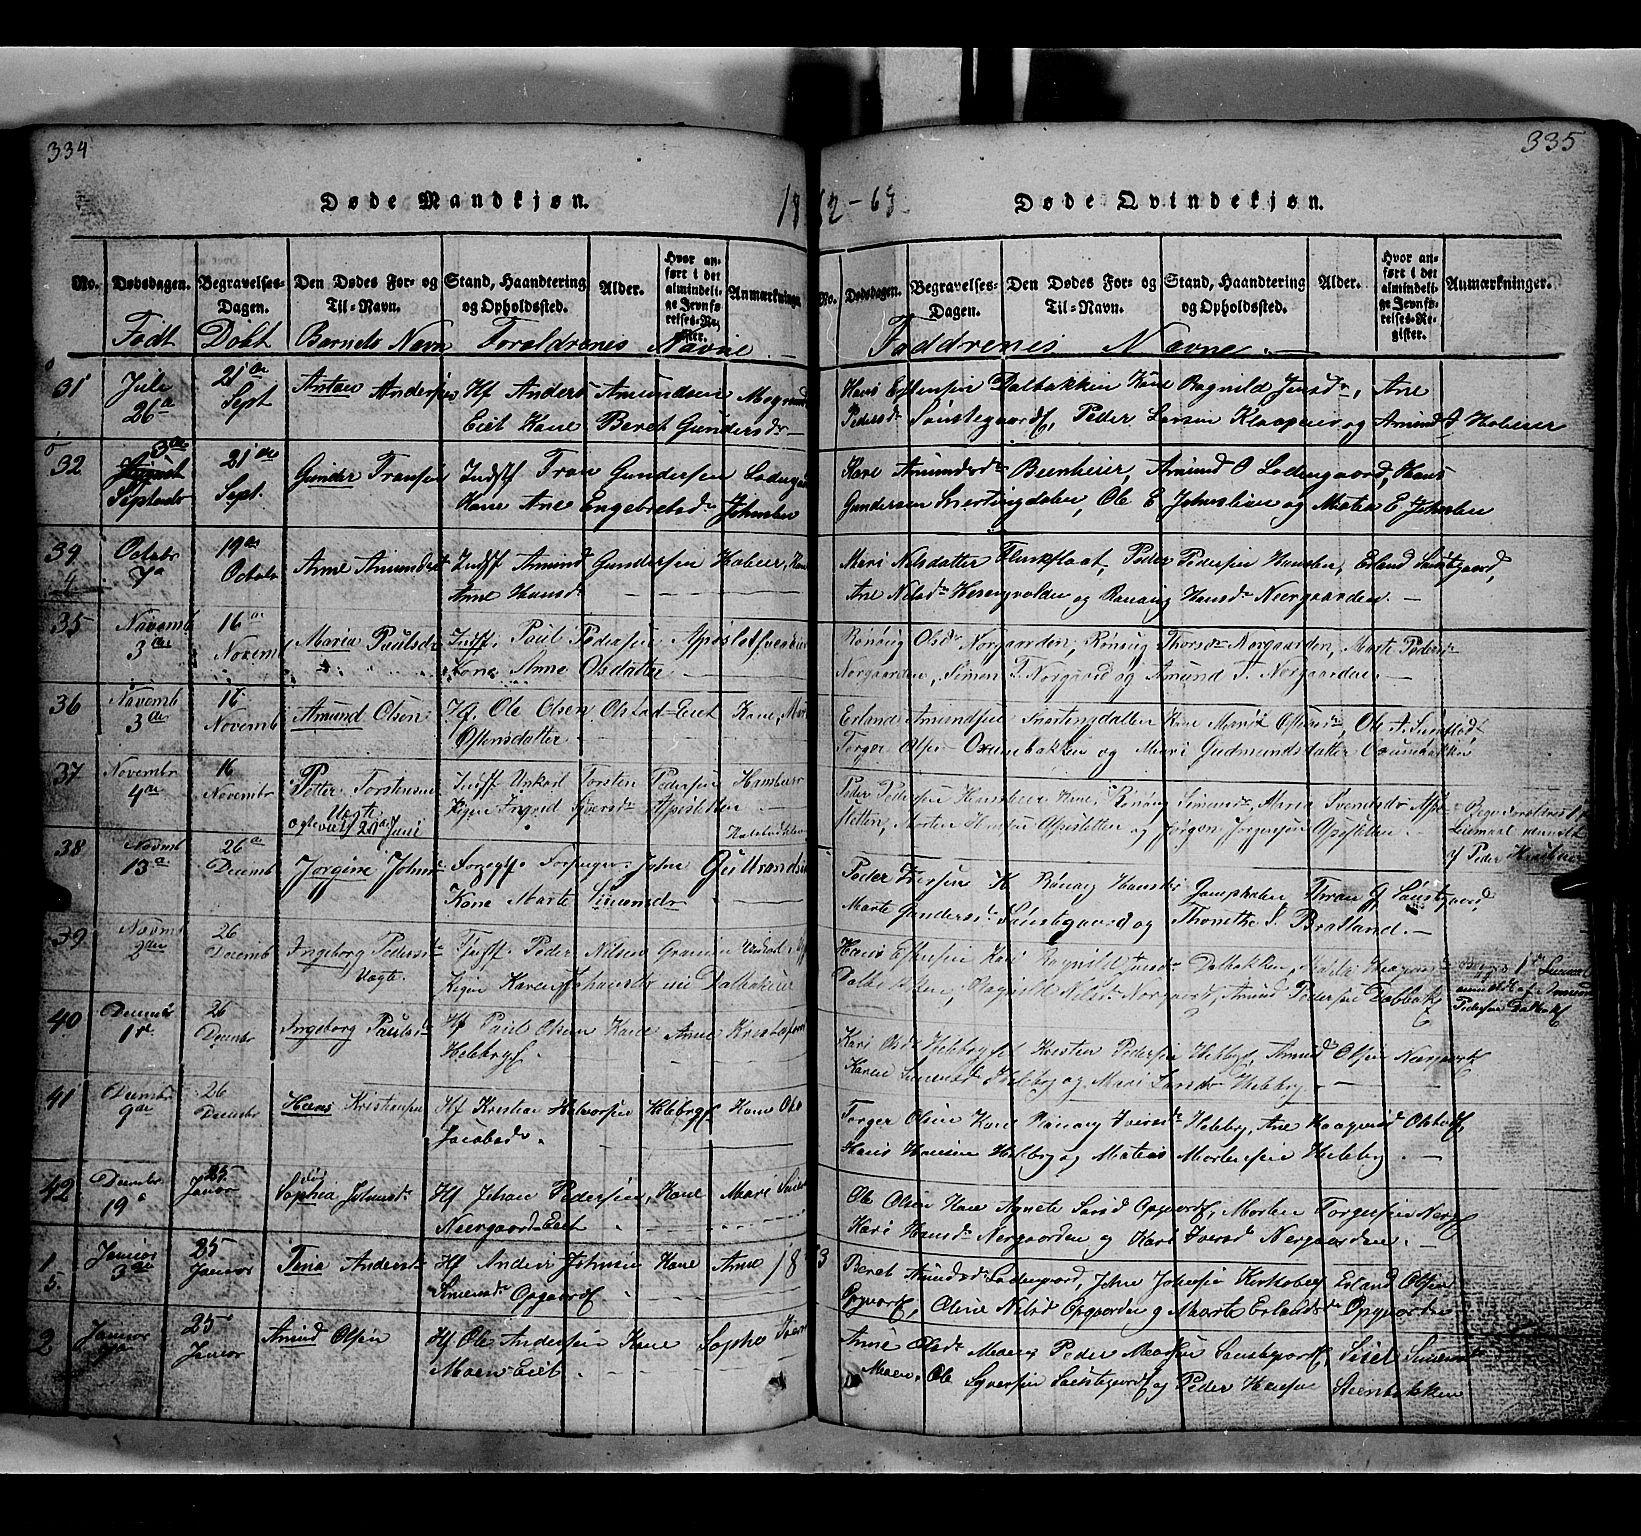 SAH, Gausdal prestekontor, Klokkerbok nr. 2, 1818-1874, s. 334-335